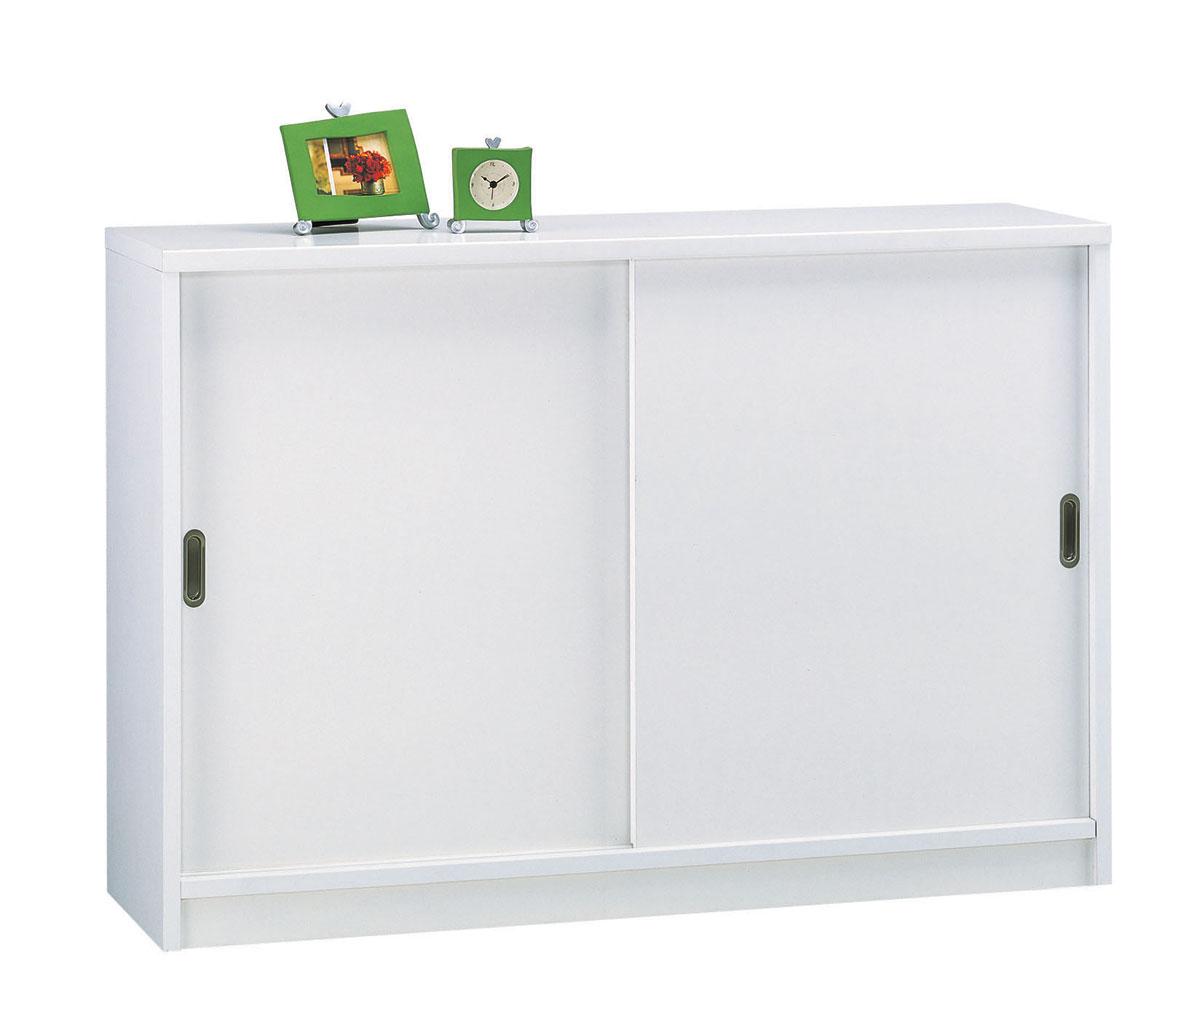 サクラ120 カウンター下収納 引き戸 食器棚 カップボード すきま収納 小型コンパクト収納 三つ葉楽器 ホワイト 食品収納 キッチンキャビネット 本棚 送料無料 日本製